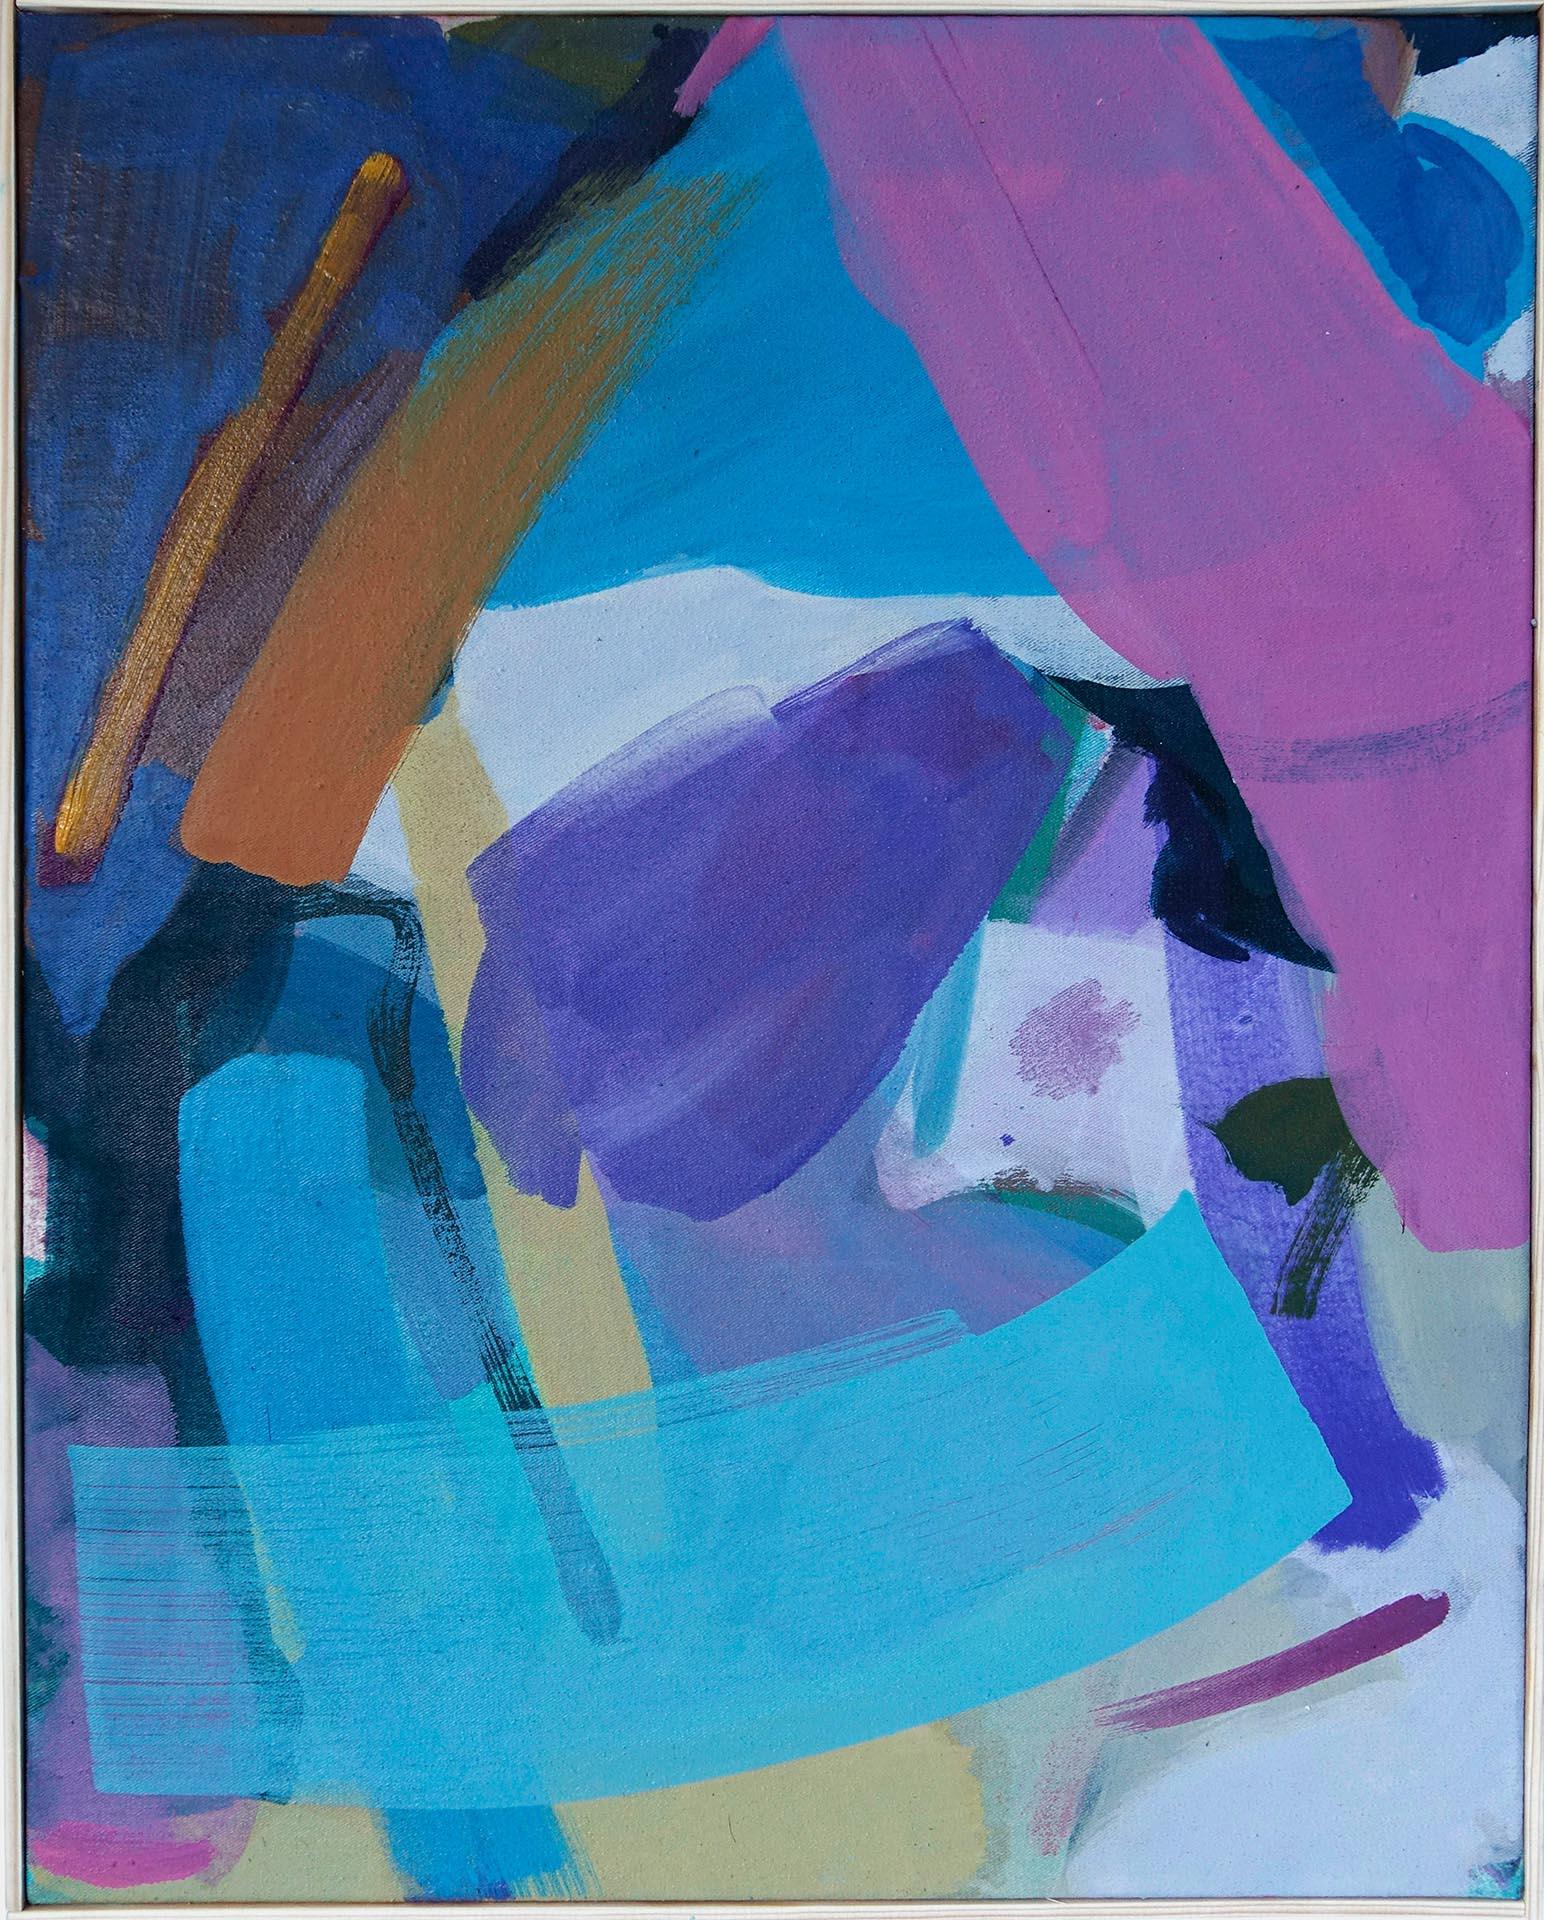 Violetta Ehnsperg | Klonko Radeinik | 52 x 41,5 cm | Galerie3